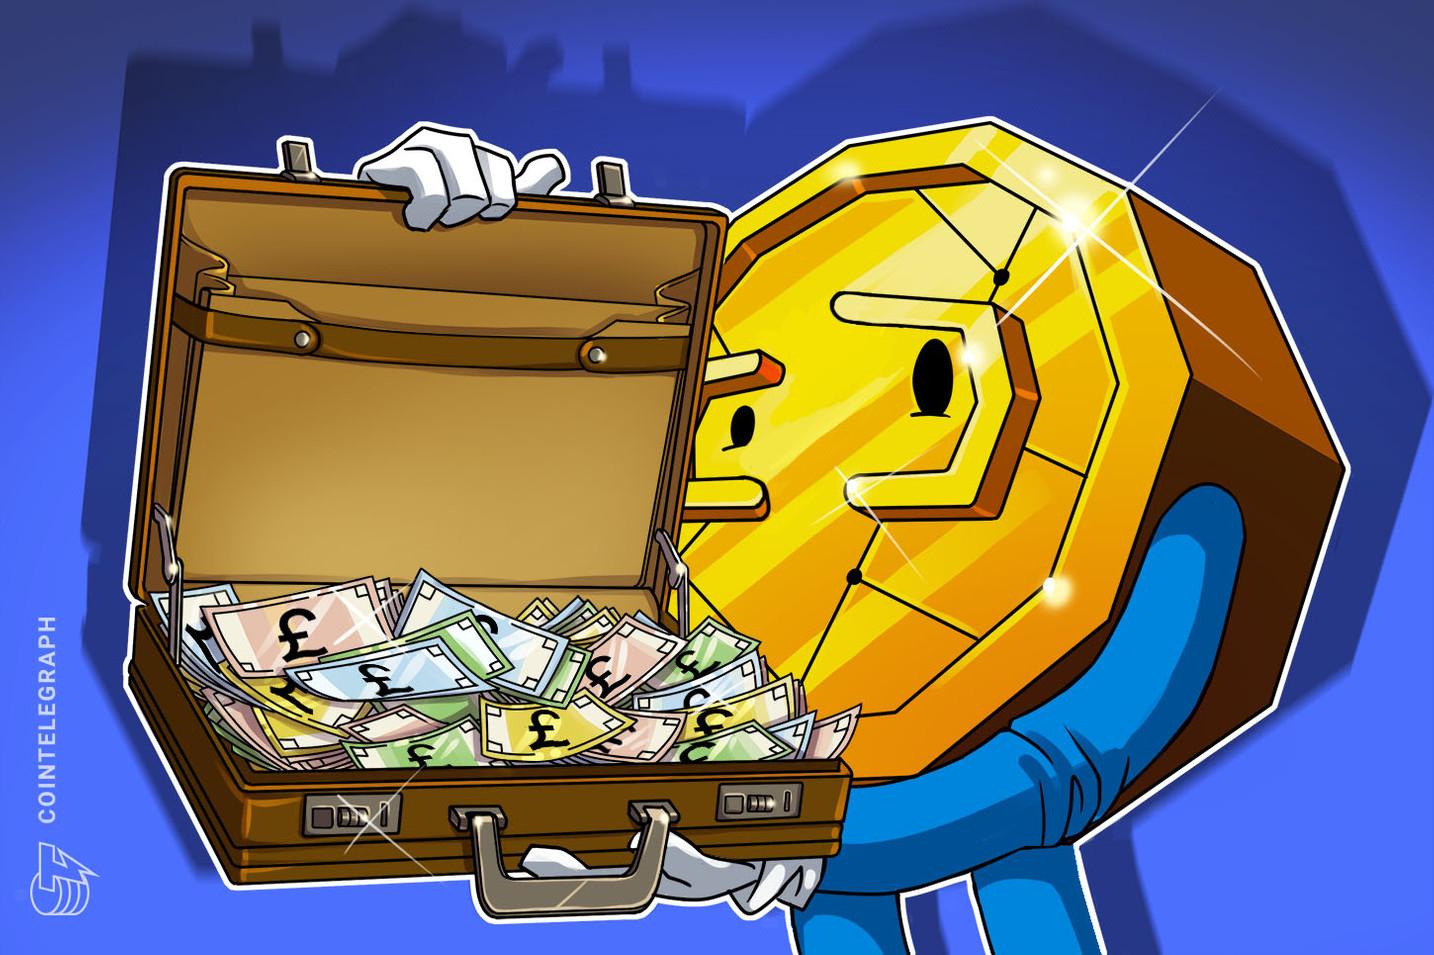 ÖZEL HABER: Crypto.com Türkiye'de - Stablecoin ile Kripto Kredi Alımı Açıldı